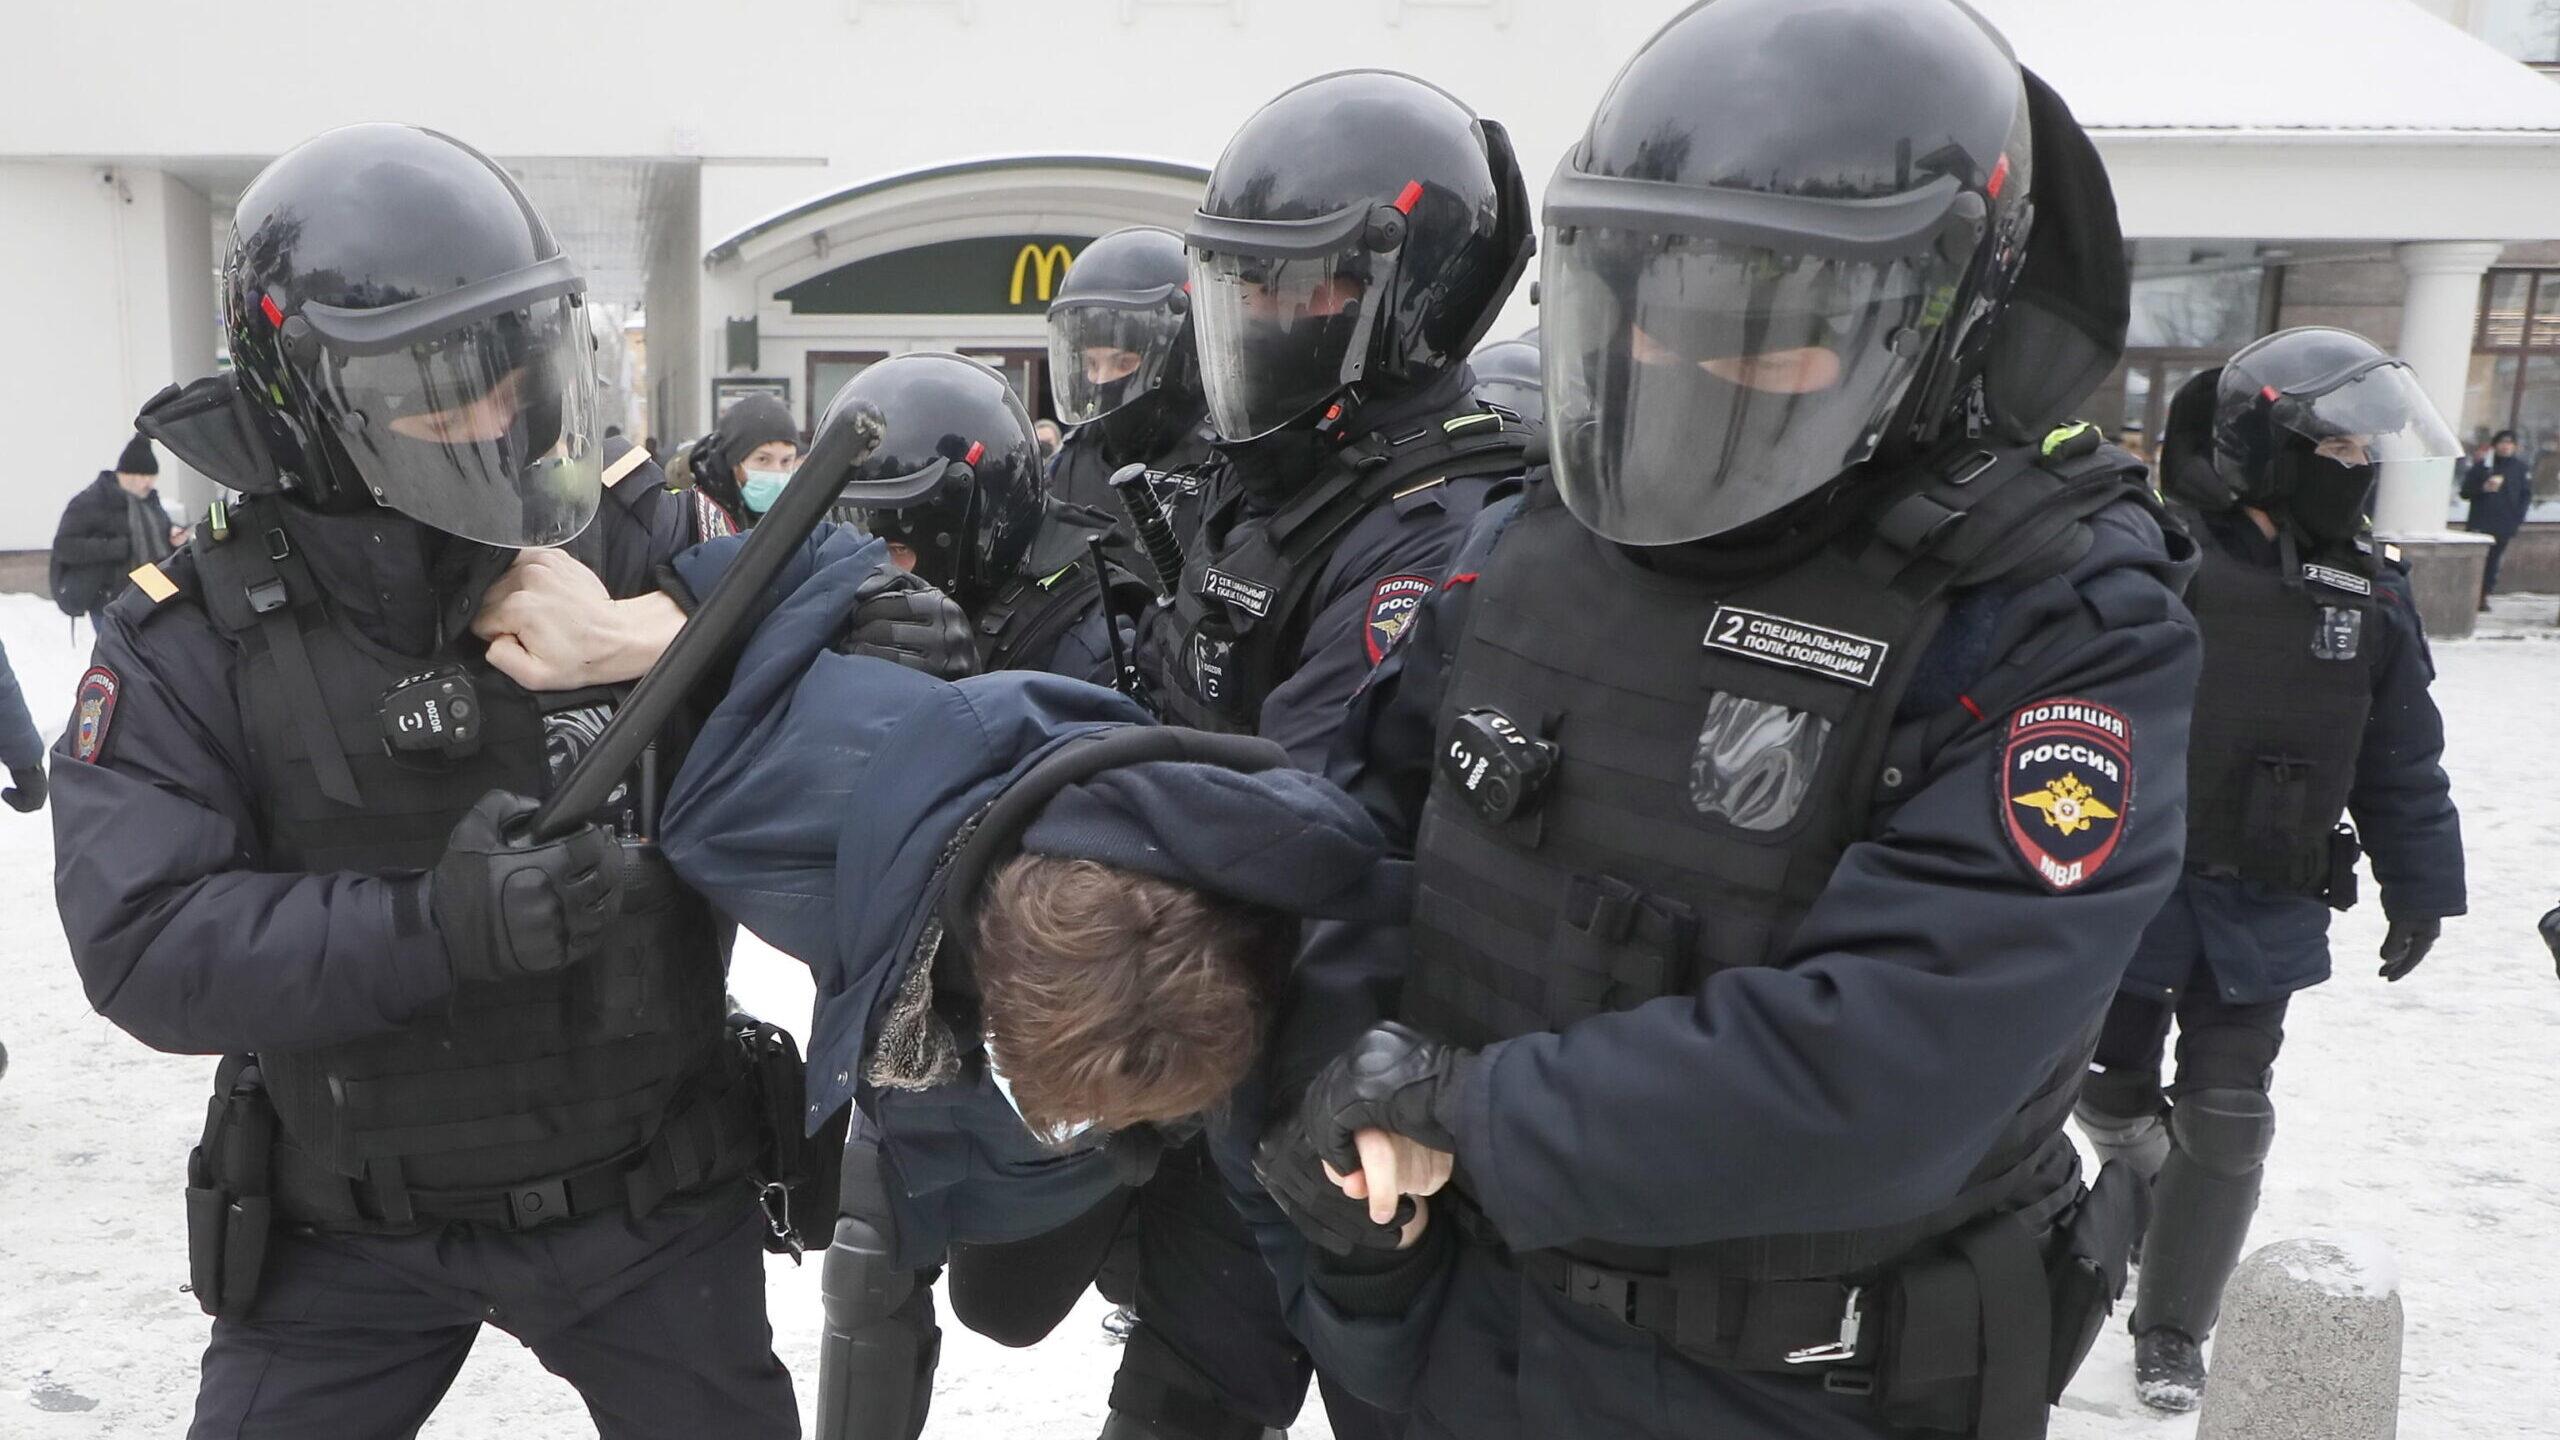 Le manifestazioni in Russia spingono Vladimir Putin sulla difensiva